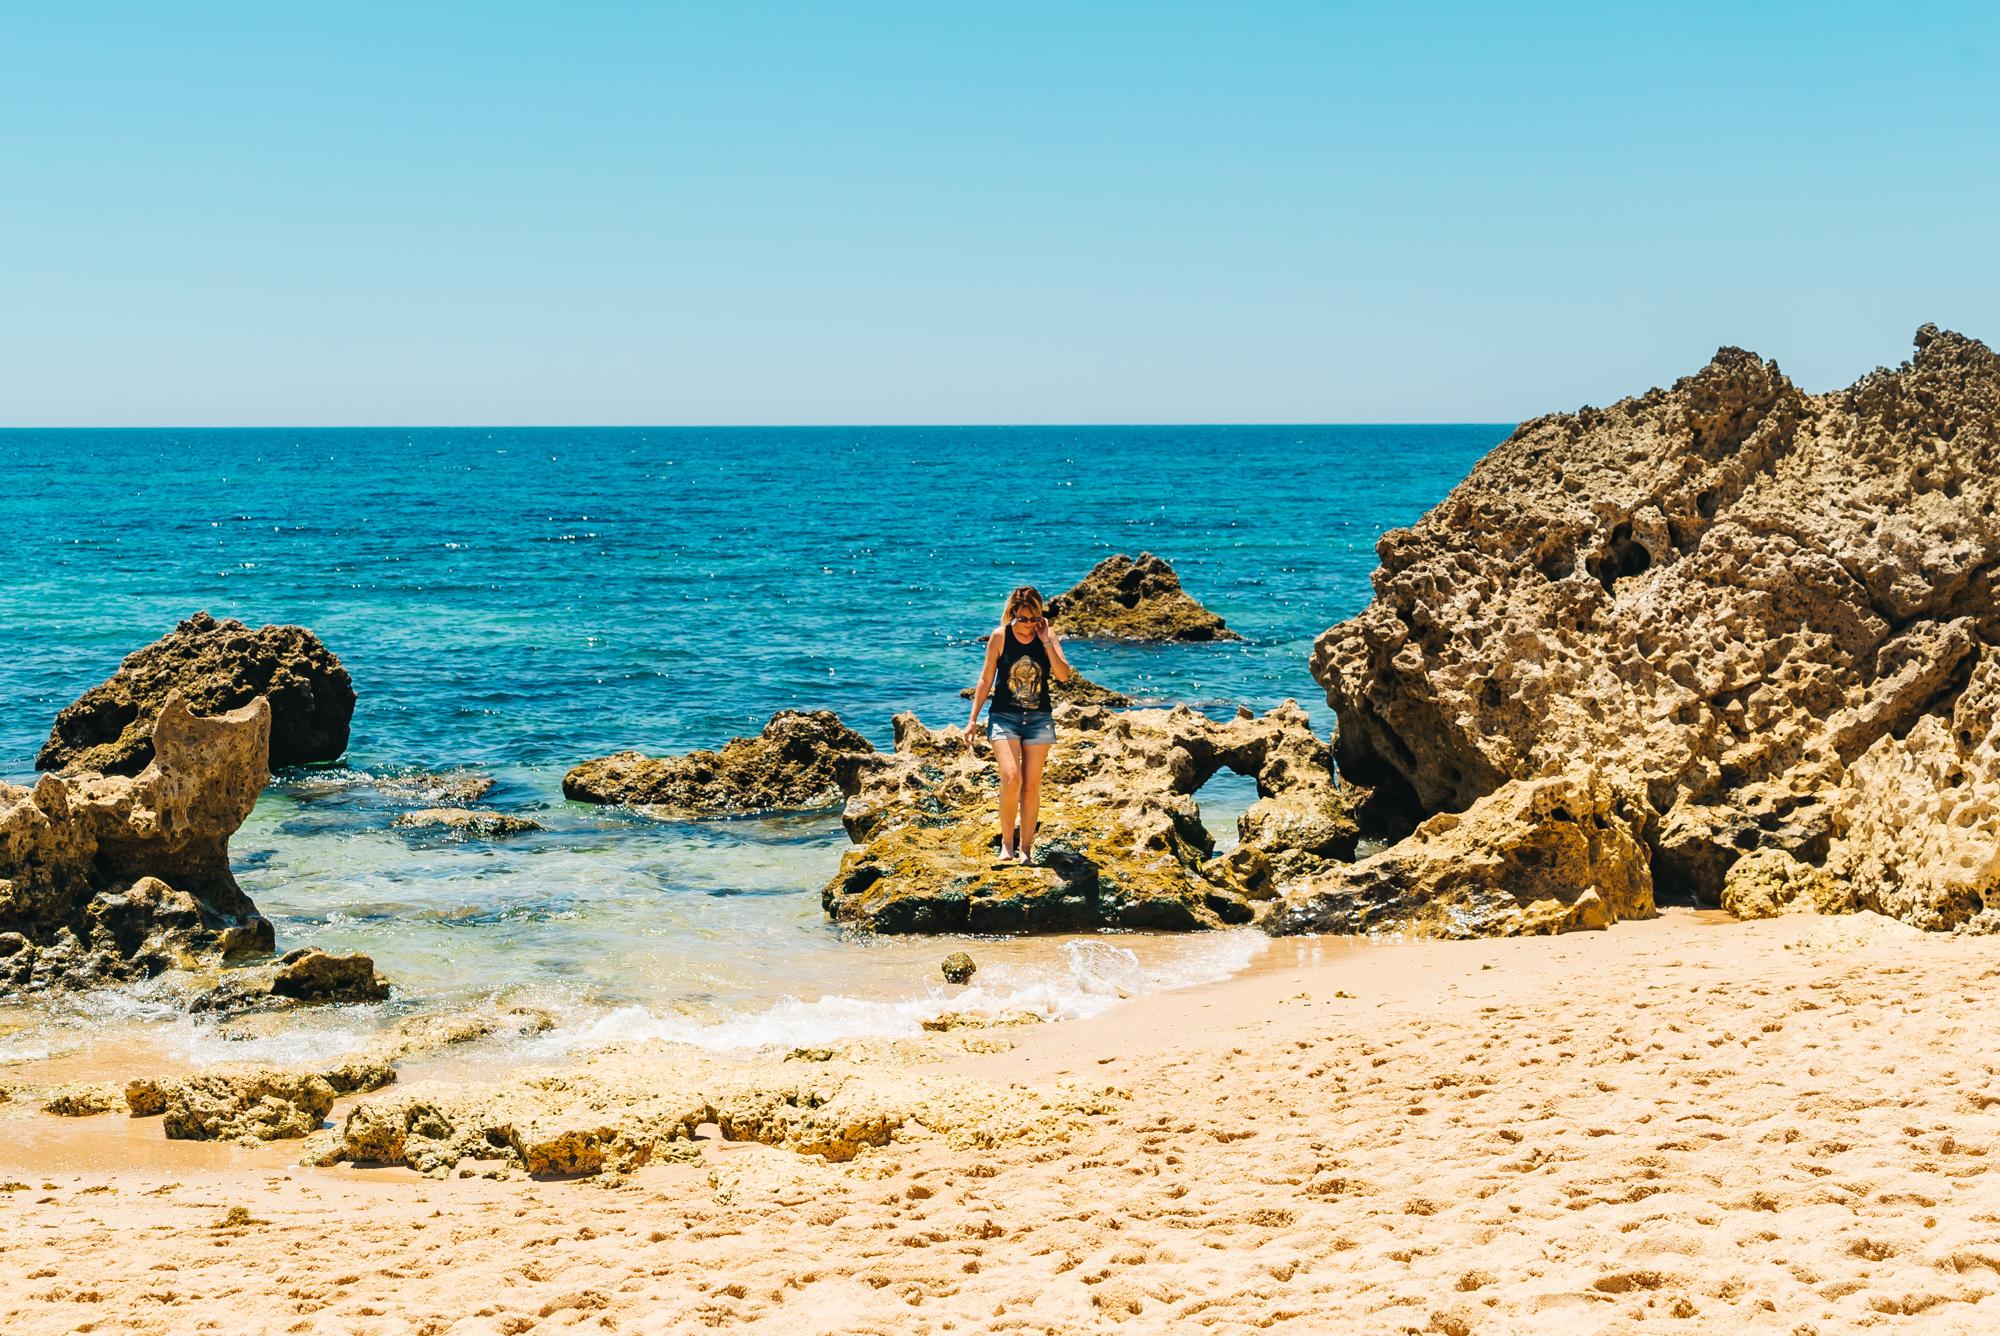 Relaxing on the beach at Praia de São Rafael